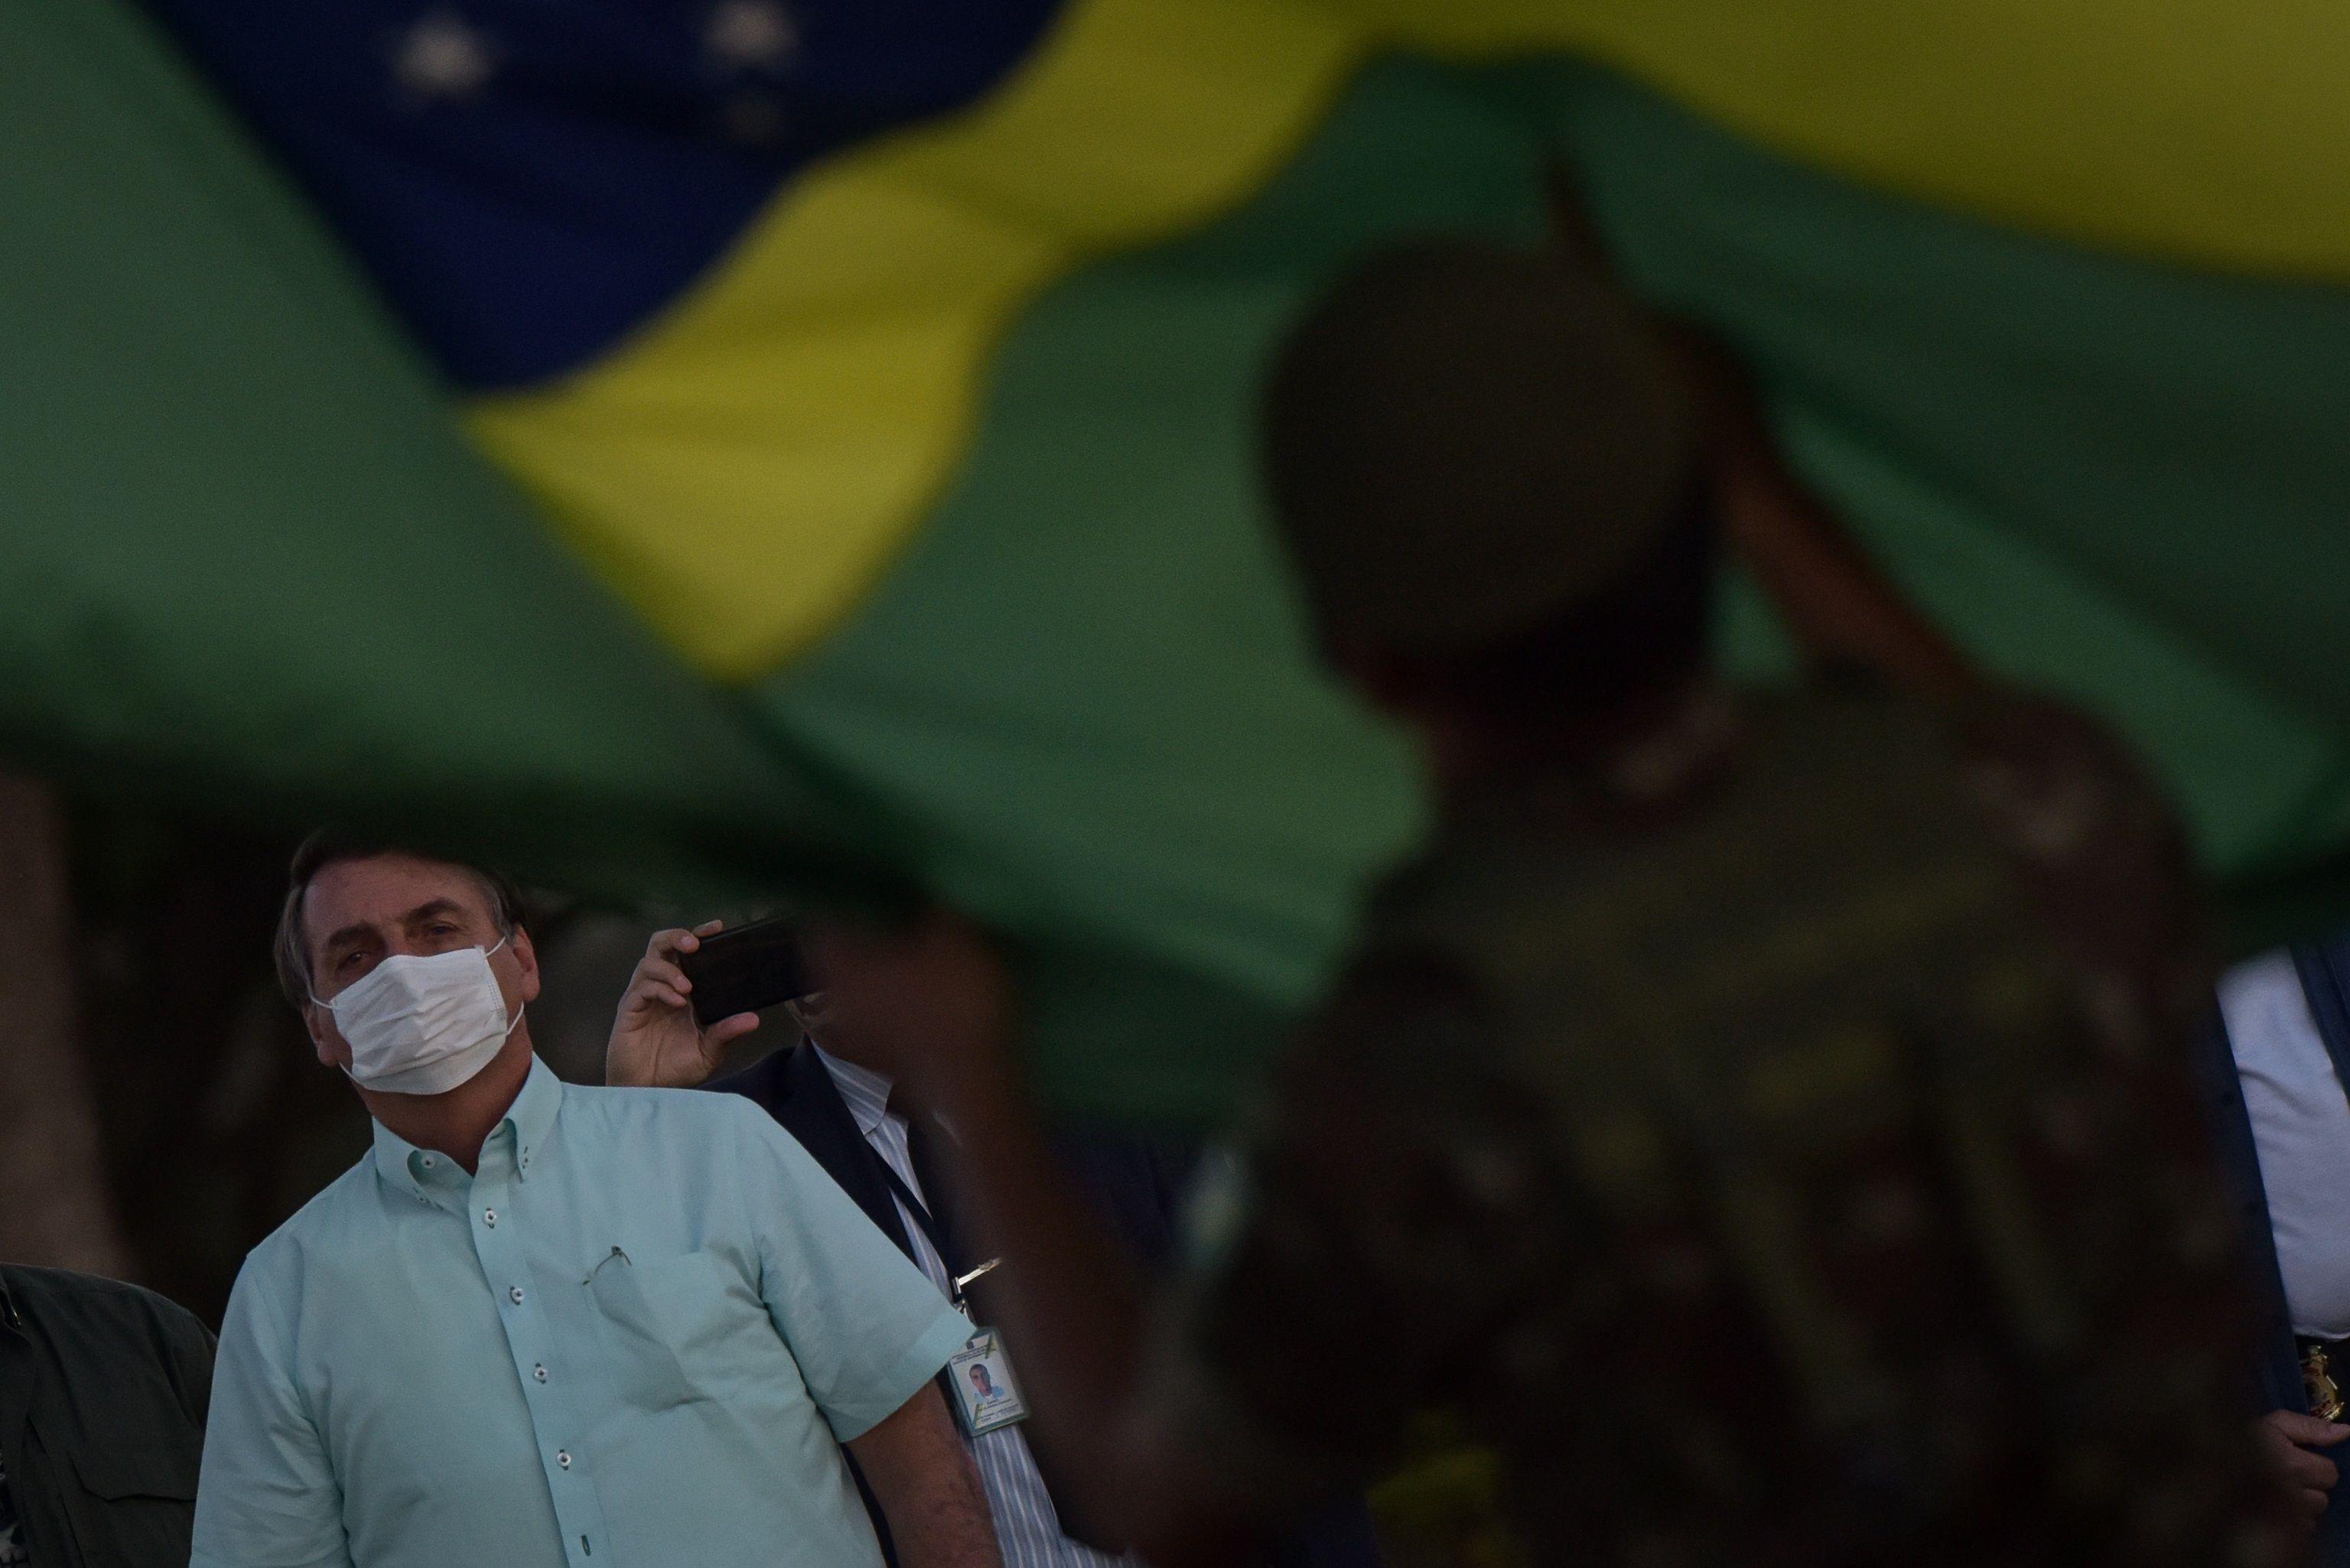 En la imagen, el presidente de Brasil, Jair Bolsonaro. EFE/Andre Borges/Archivo